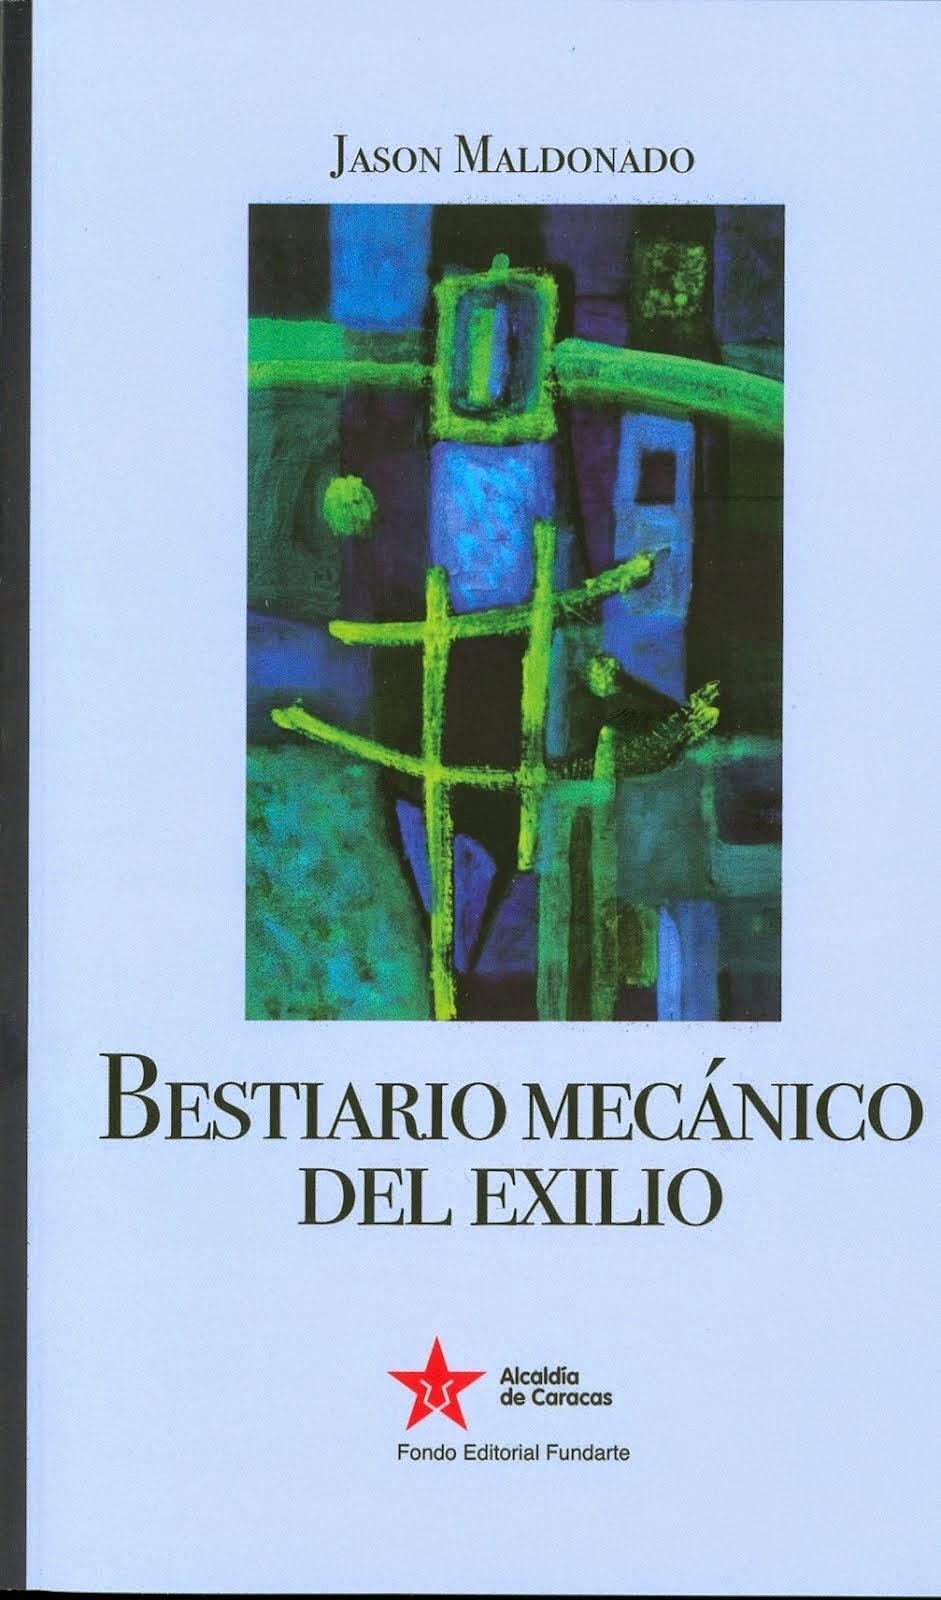 Bestiario mecánico del exilio